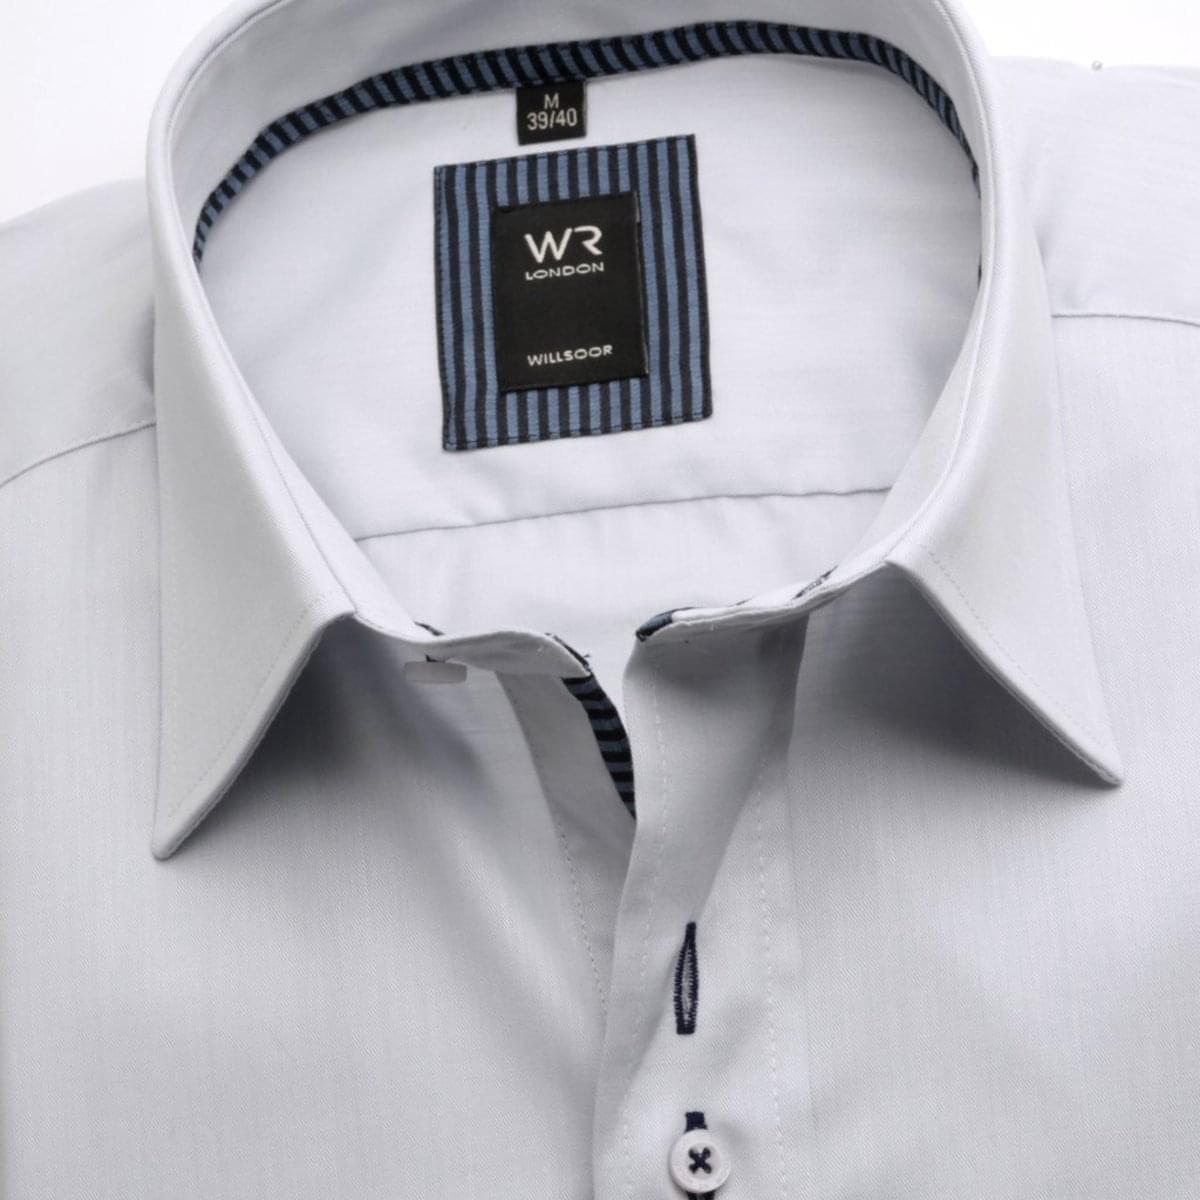 Košile WR London (výška 176-182) 4302 176-182 / XL (43/44)